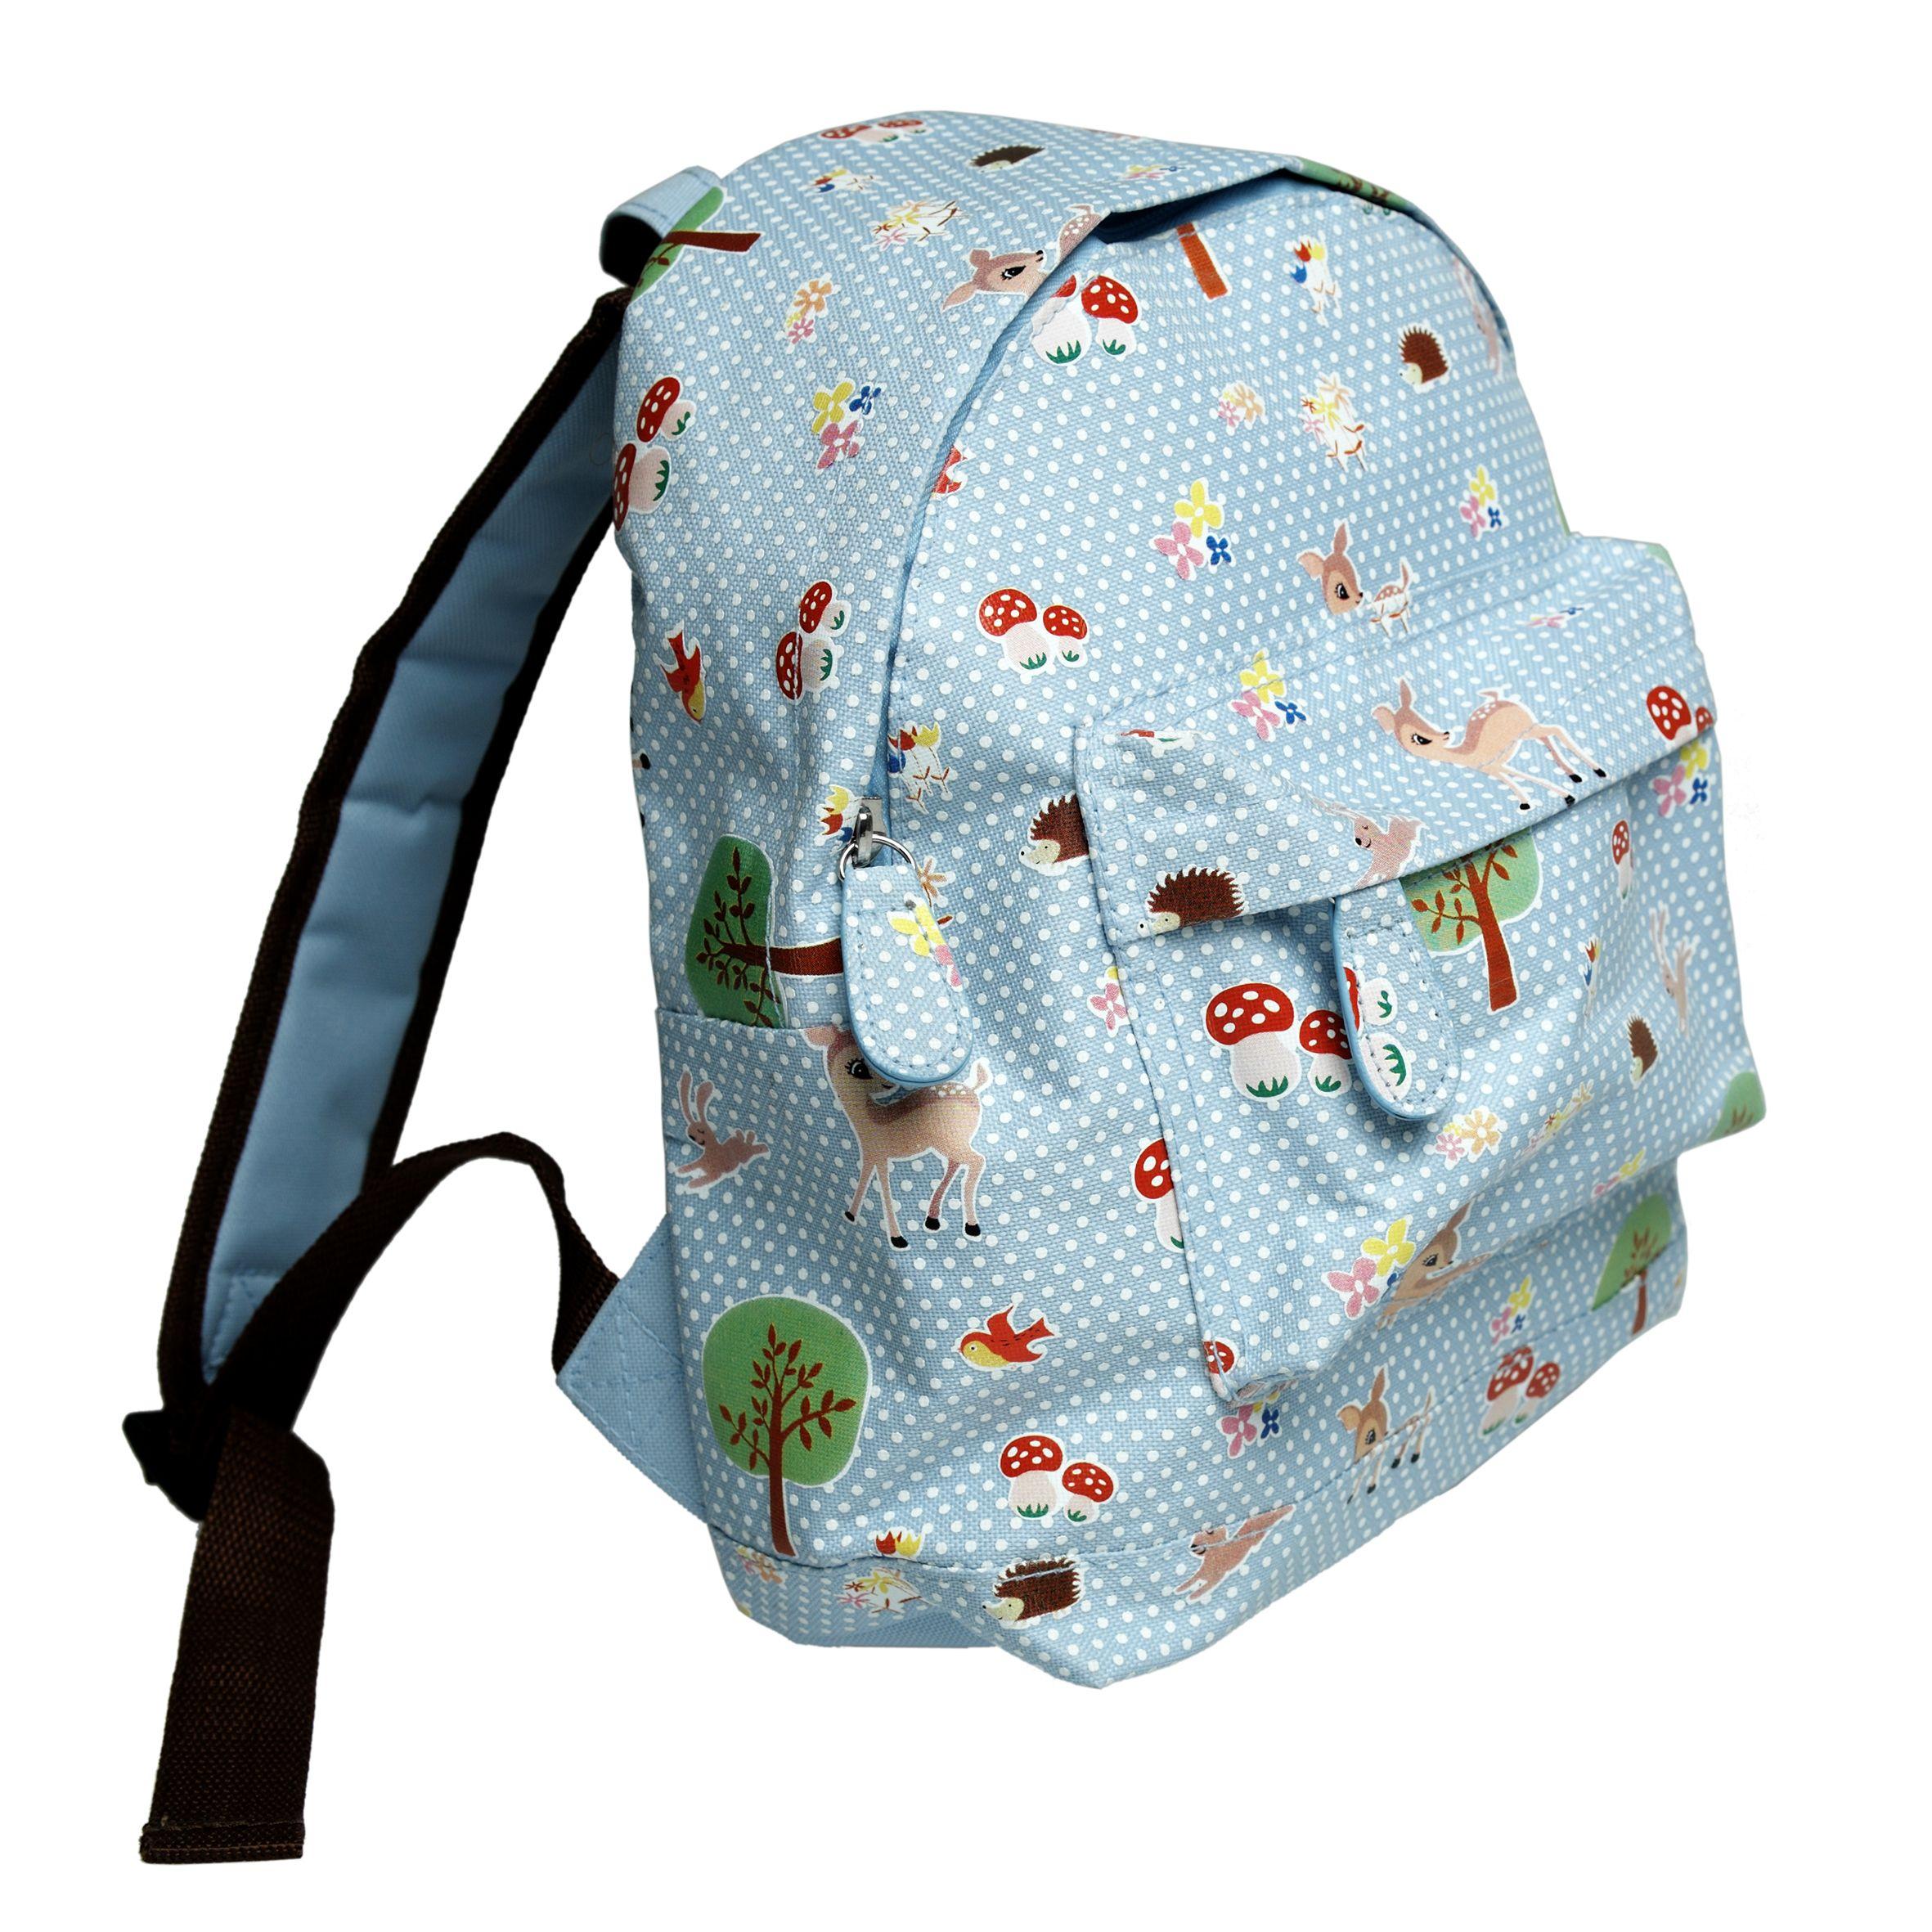 afb081cd1016 Woodland Mini Childrens Backpack